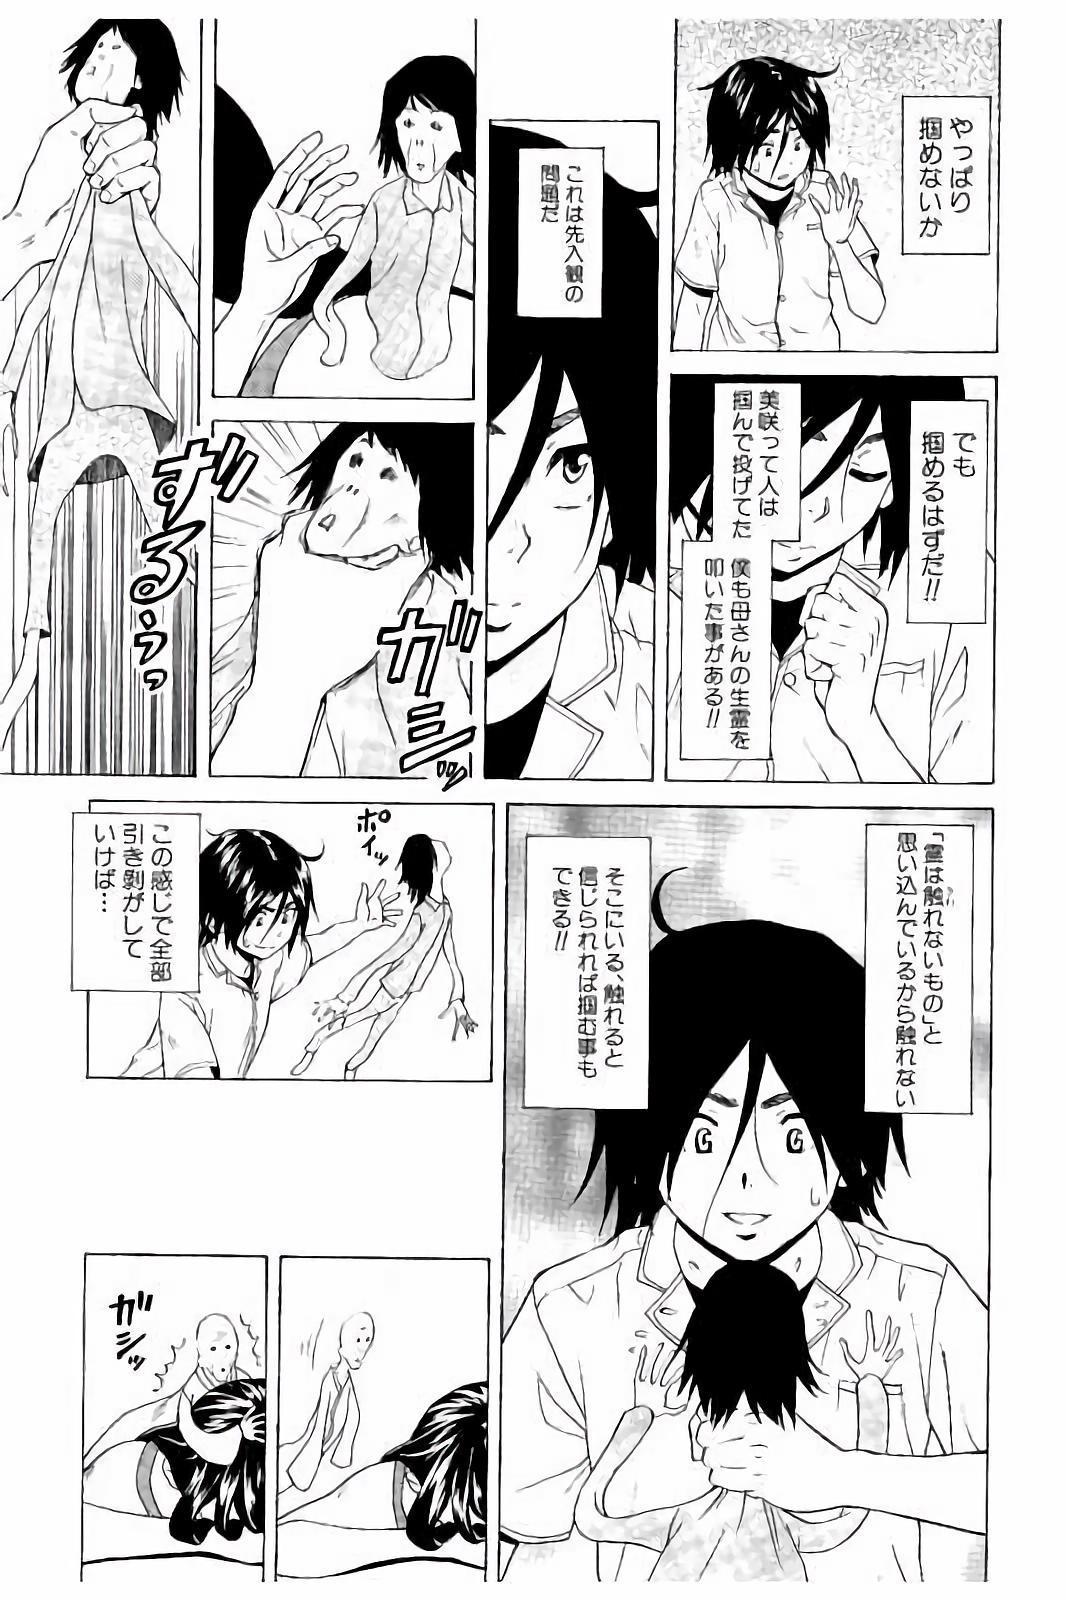 Ane no Himitsu To Boku no Jisatsu 192